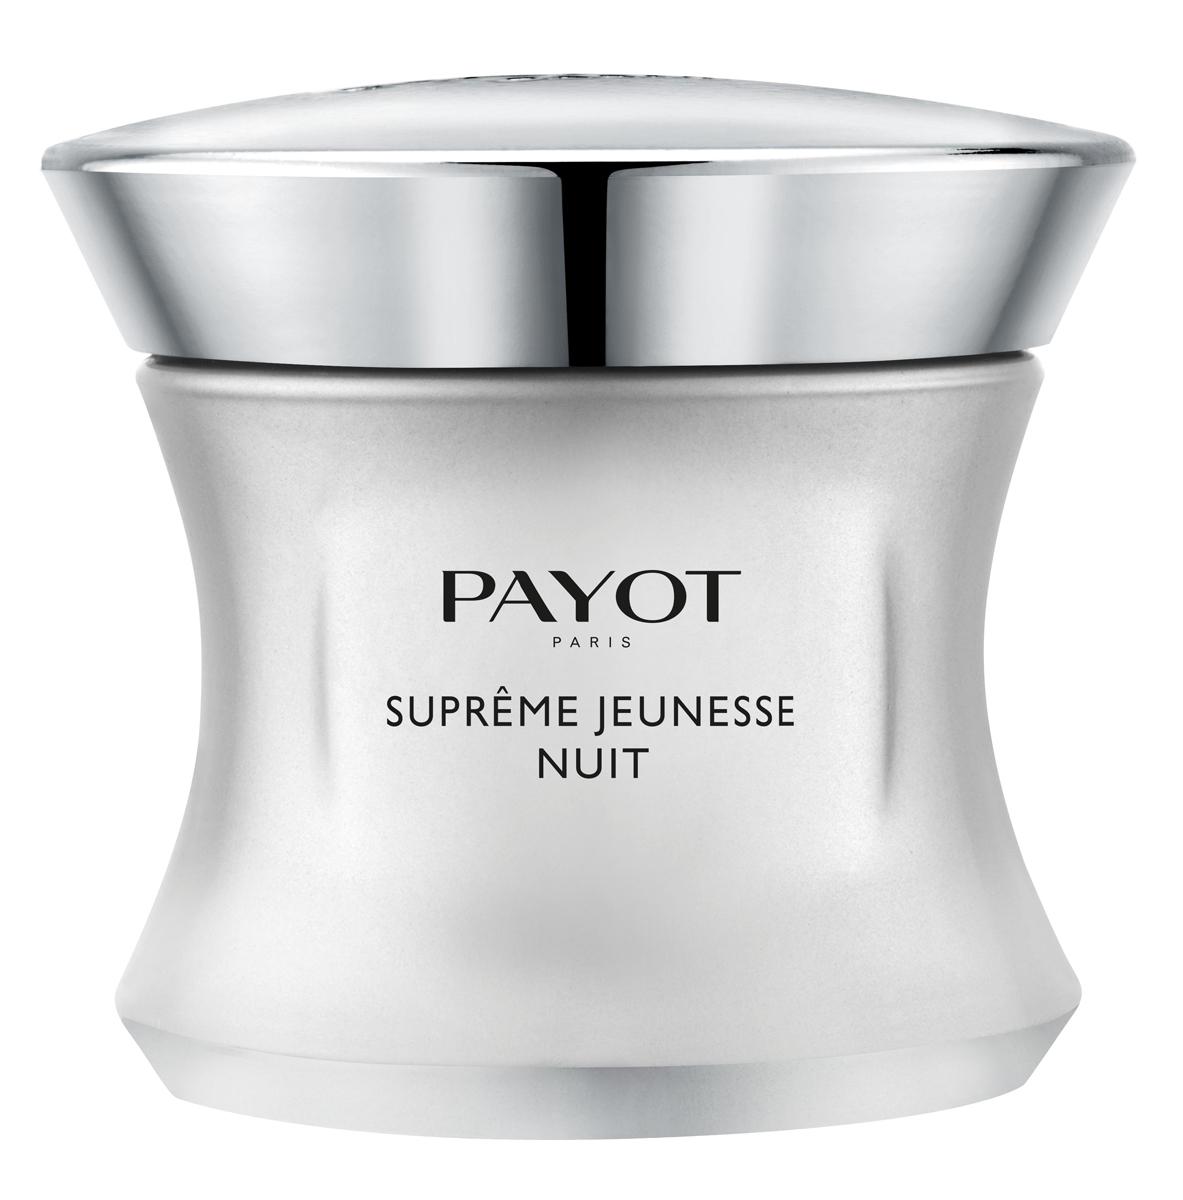 Payot Supreme Jeunesse Ночной крем с непревзойденным омолаживающим эффектом, 50 мл крем payot nutricia creme confort 50 мл